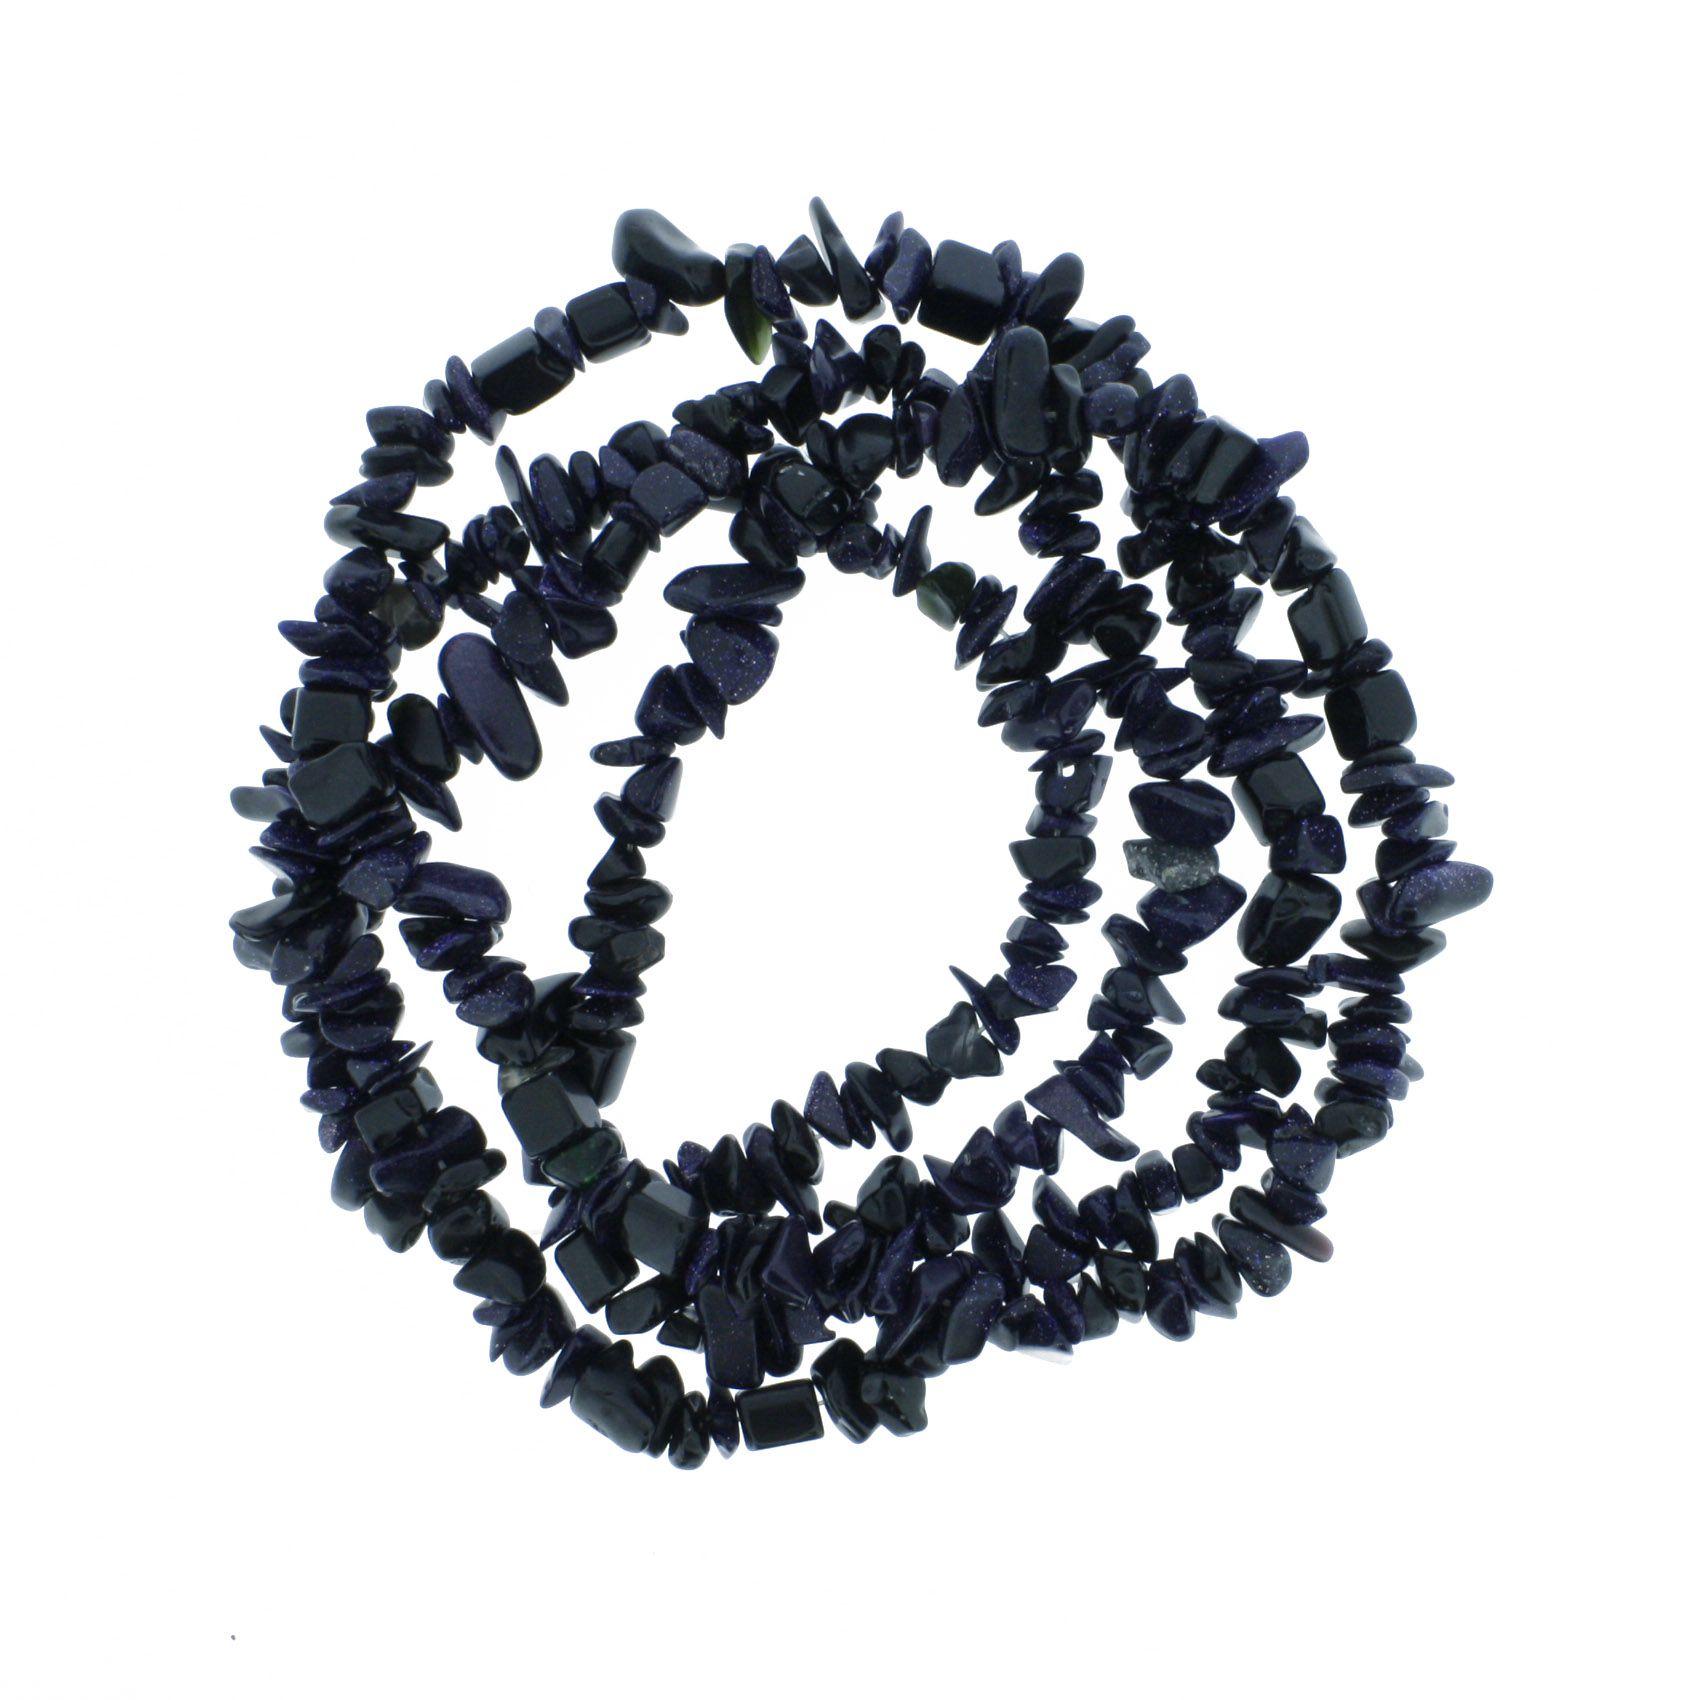 Fio de Cascalho - Stone® - Pedra Estrela  - Stéphanie Bijoux® - Peças para Bijuterias e Artesanato